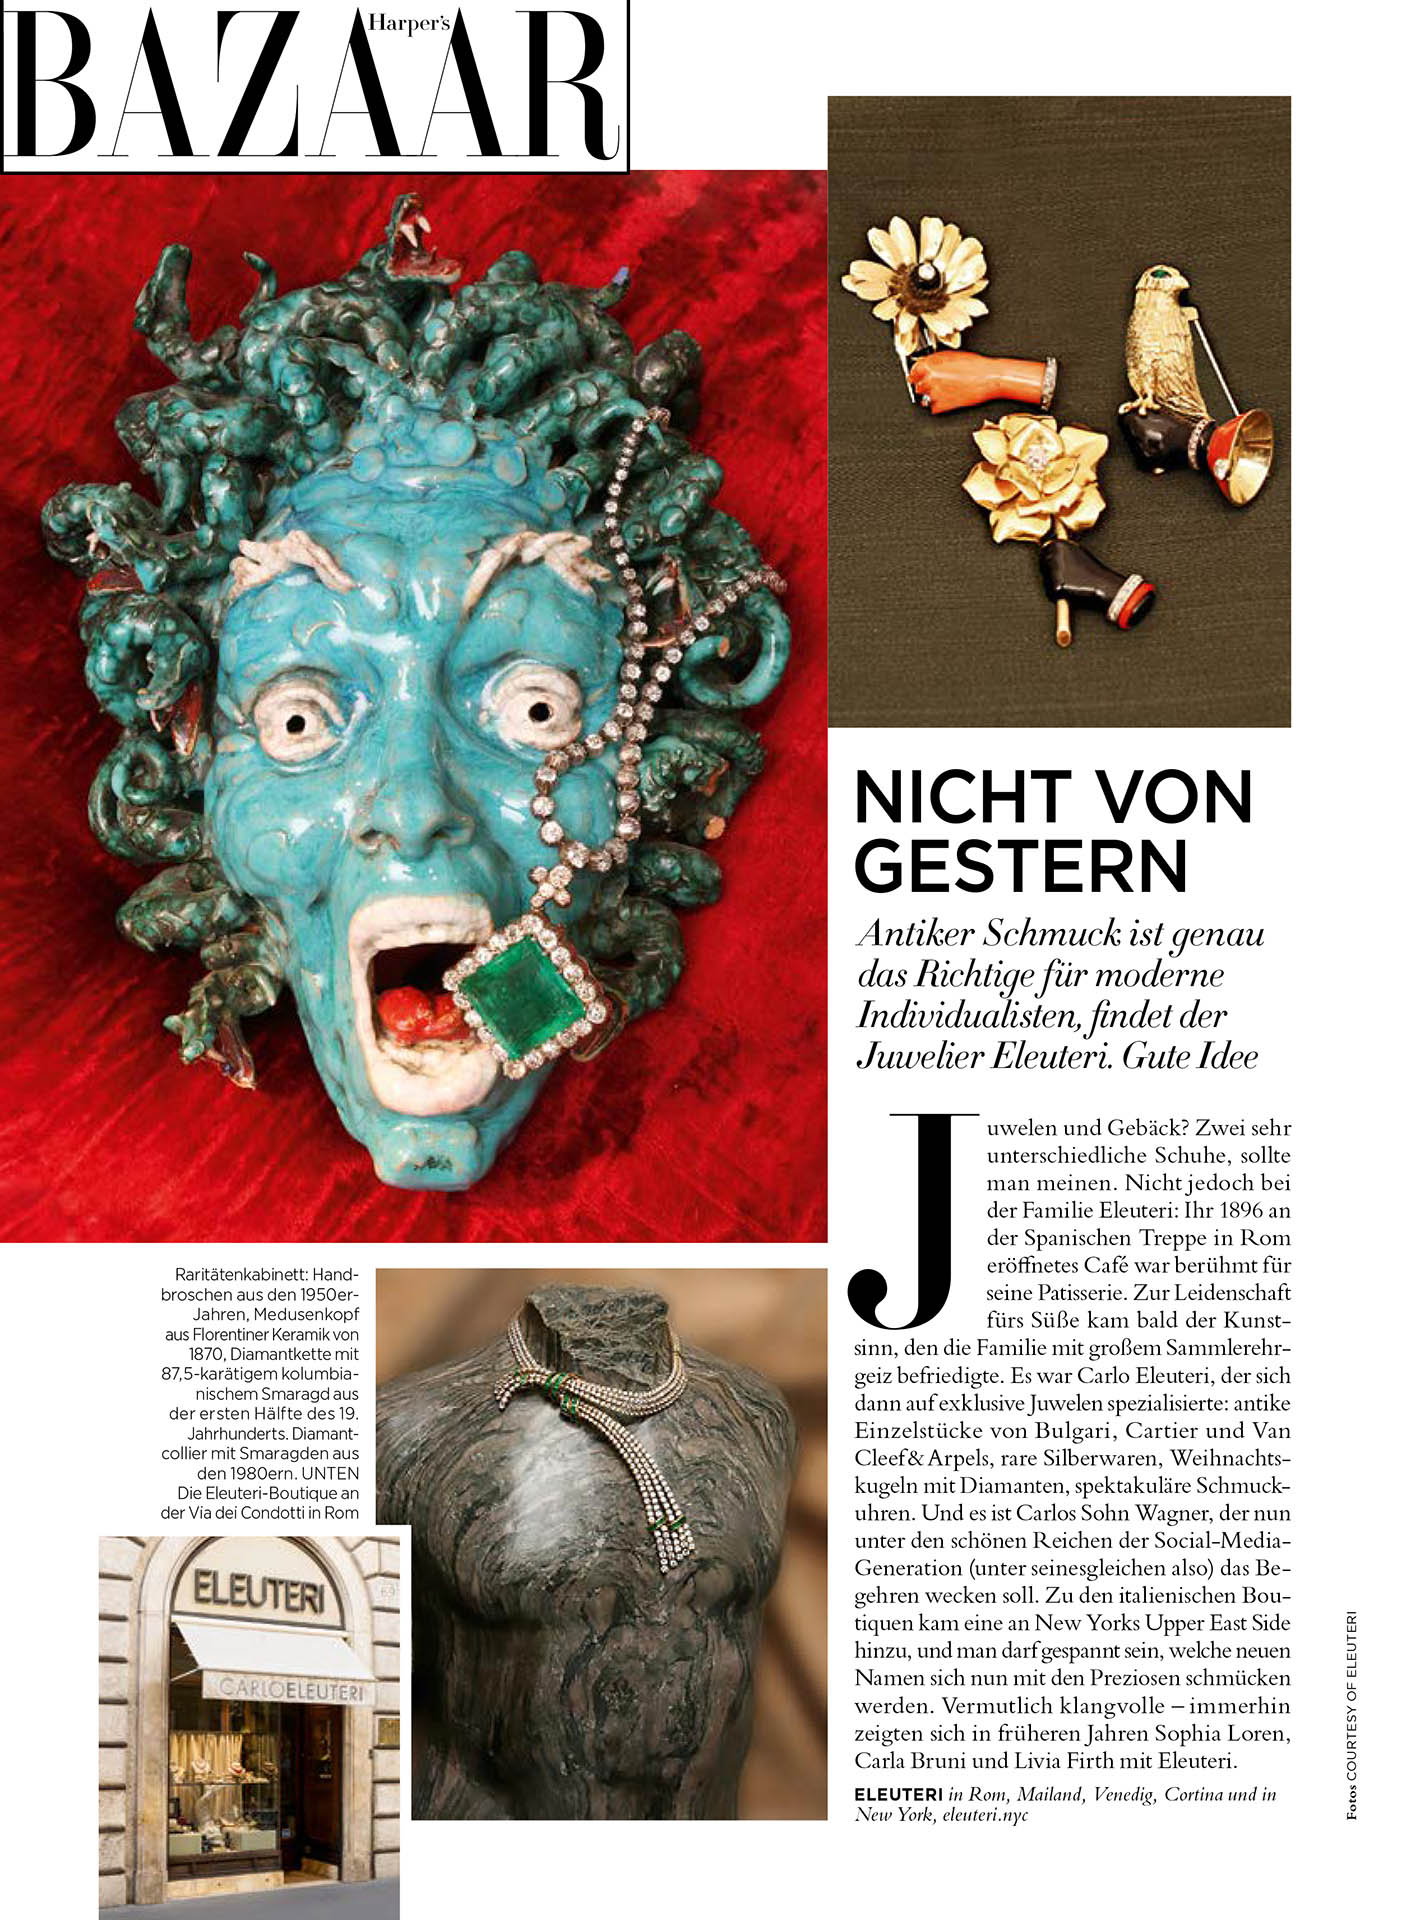 German Harper's Bazaar June July 2016